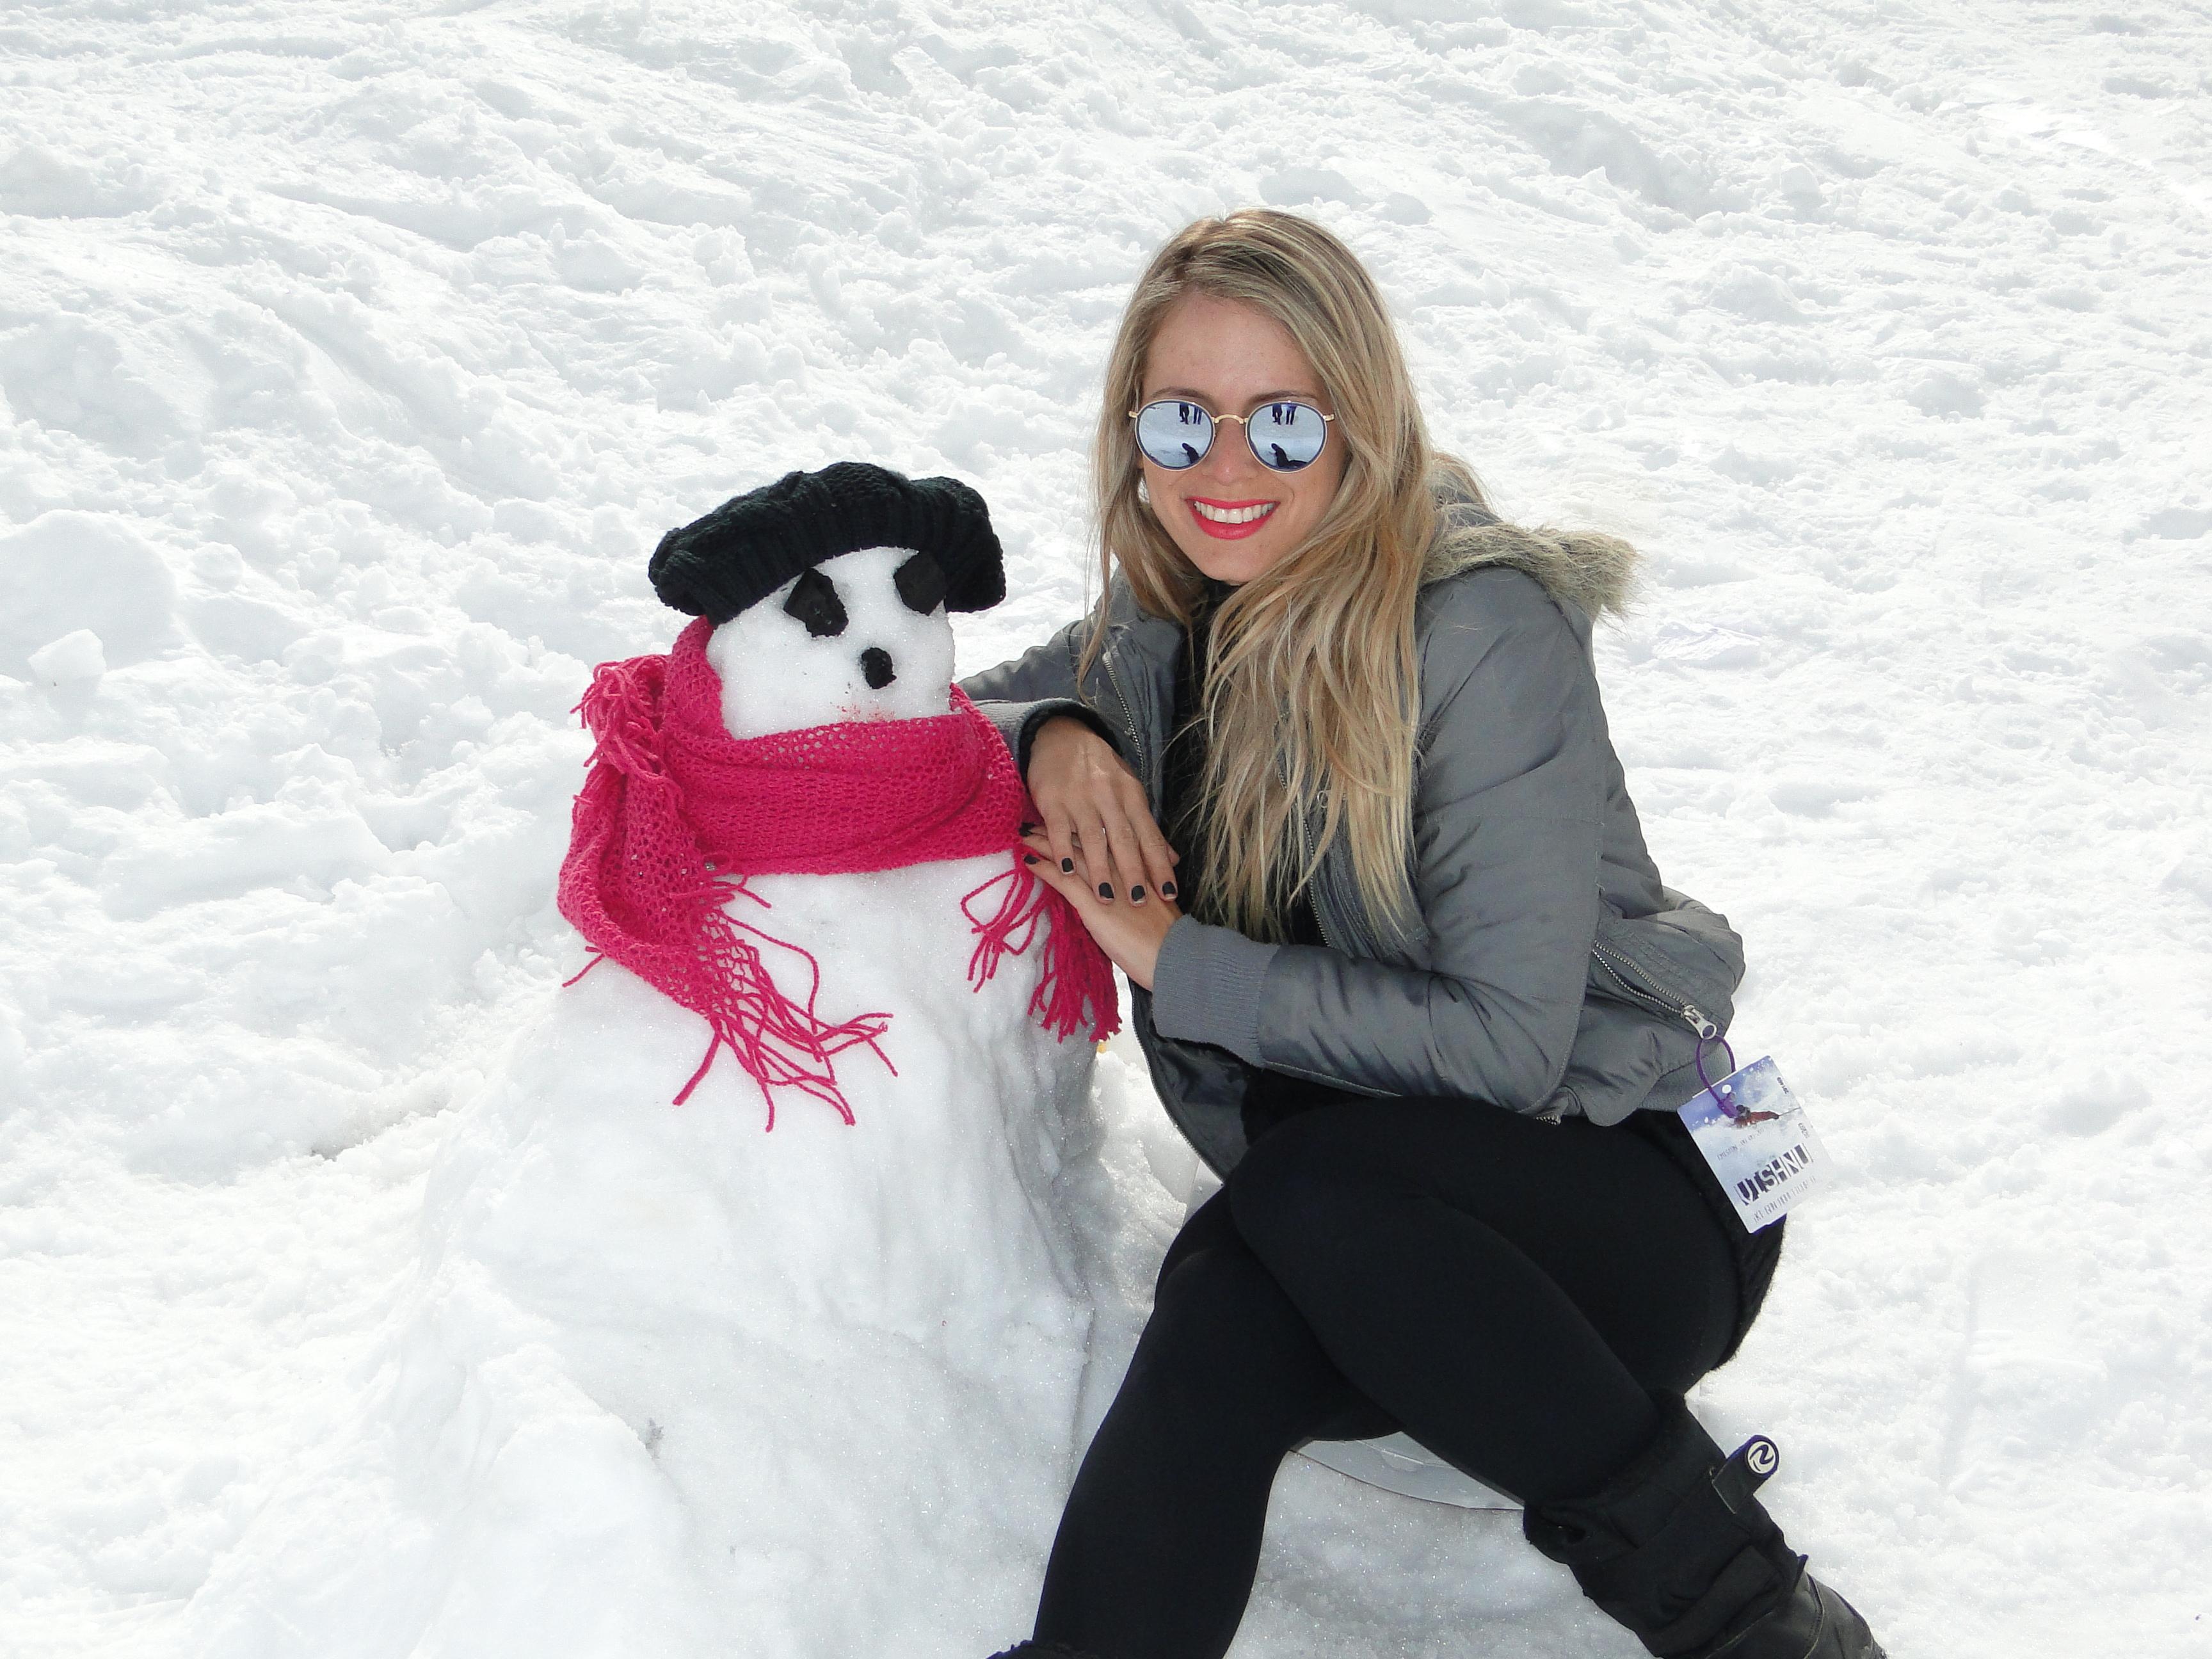 Boneco de neve mais feio de todos os tempos